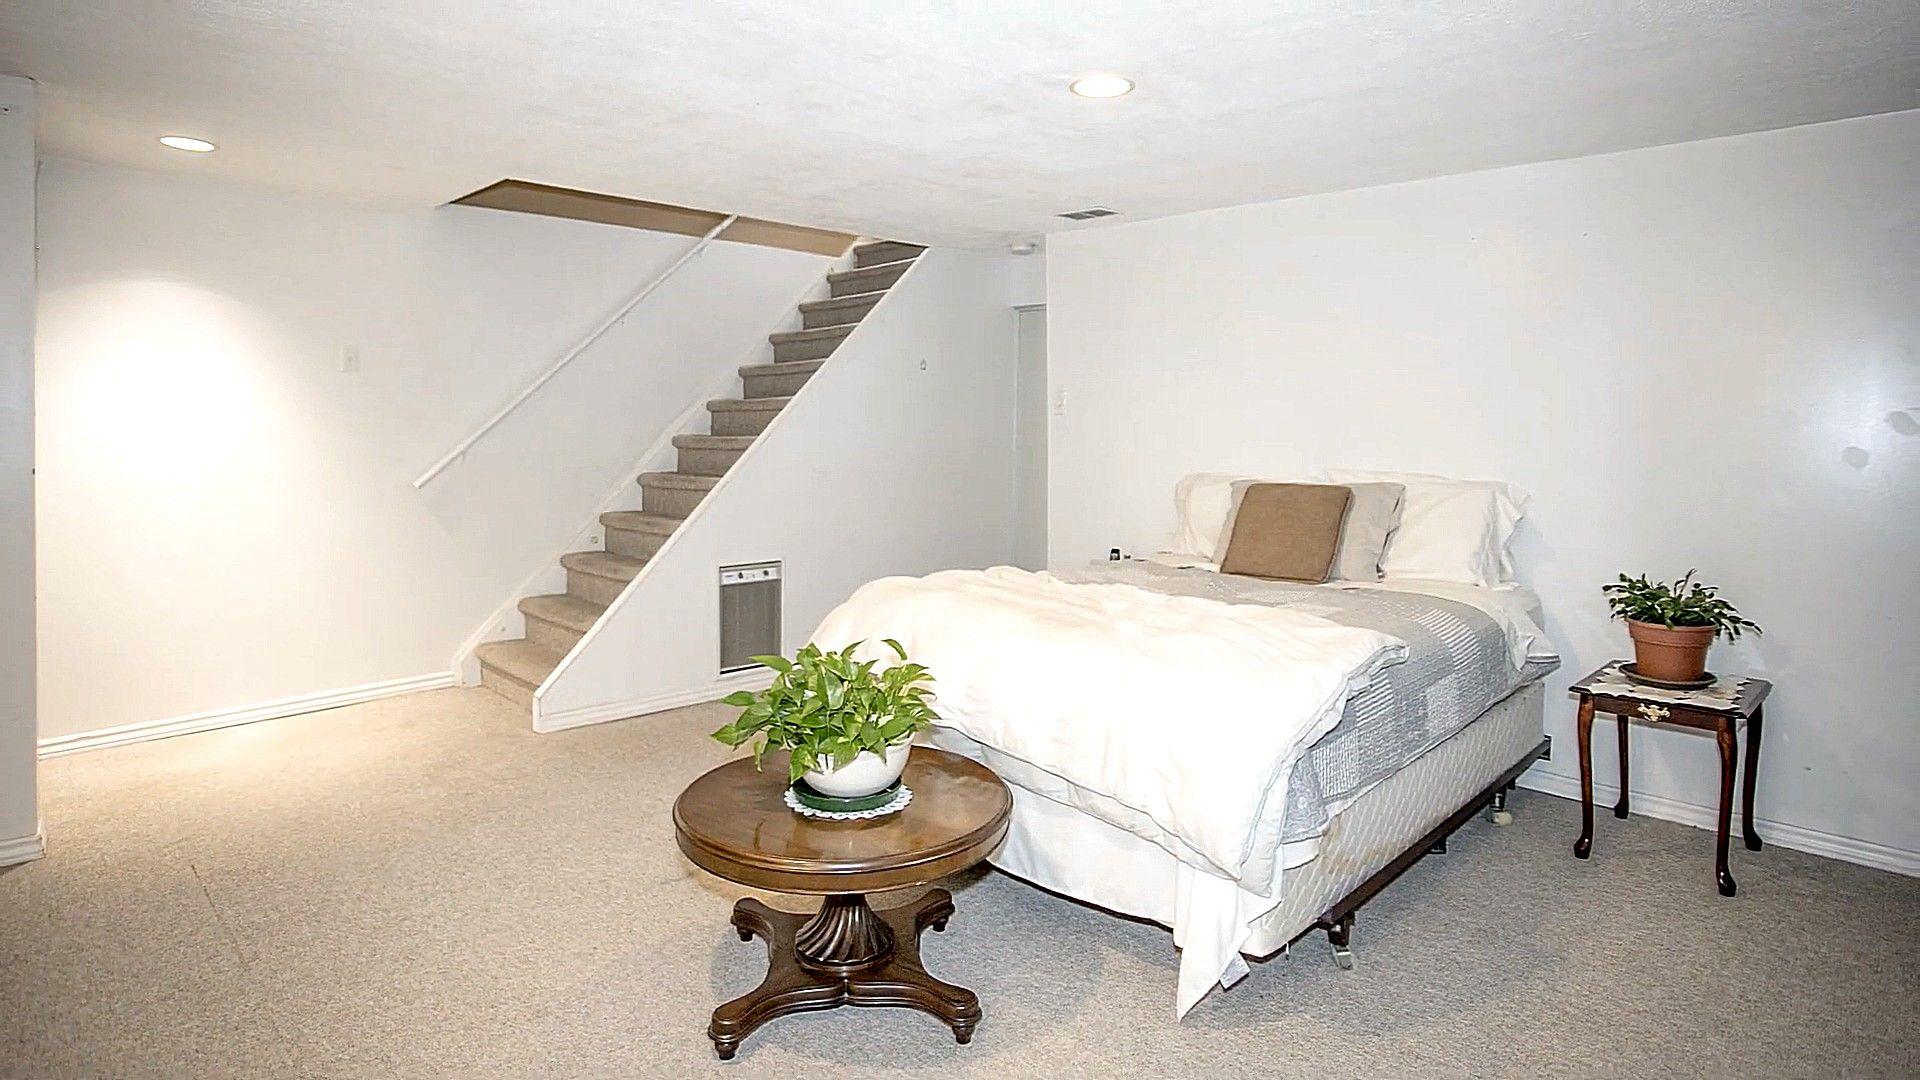 Keller Schlafzimmer Design Idee Mit Weisser Farbe Dominant